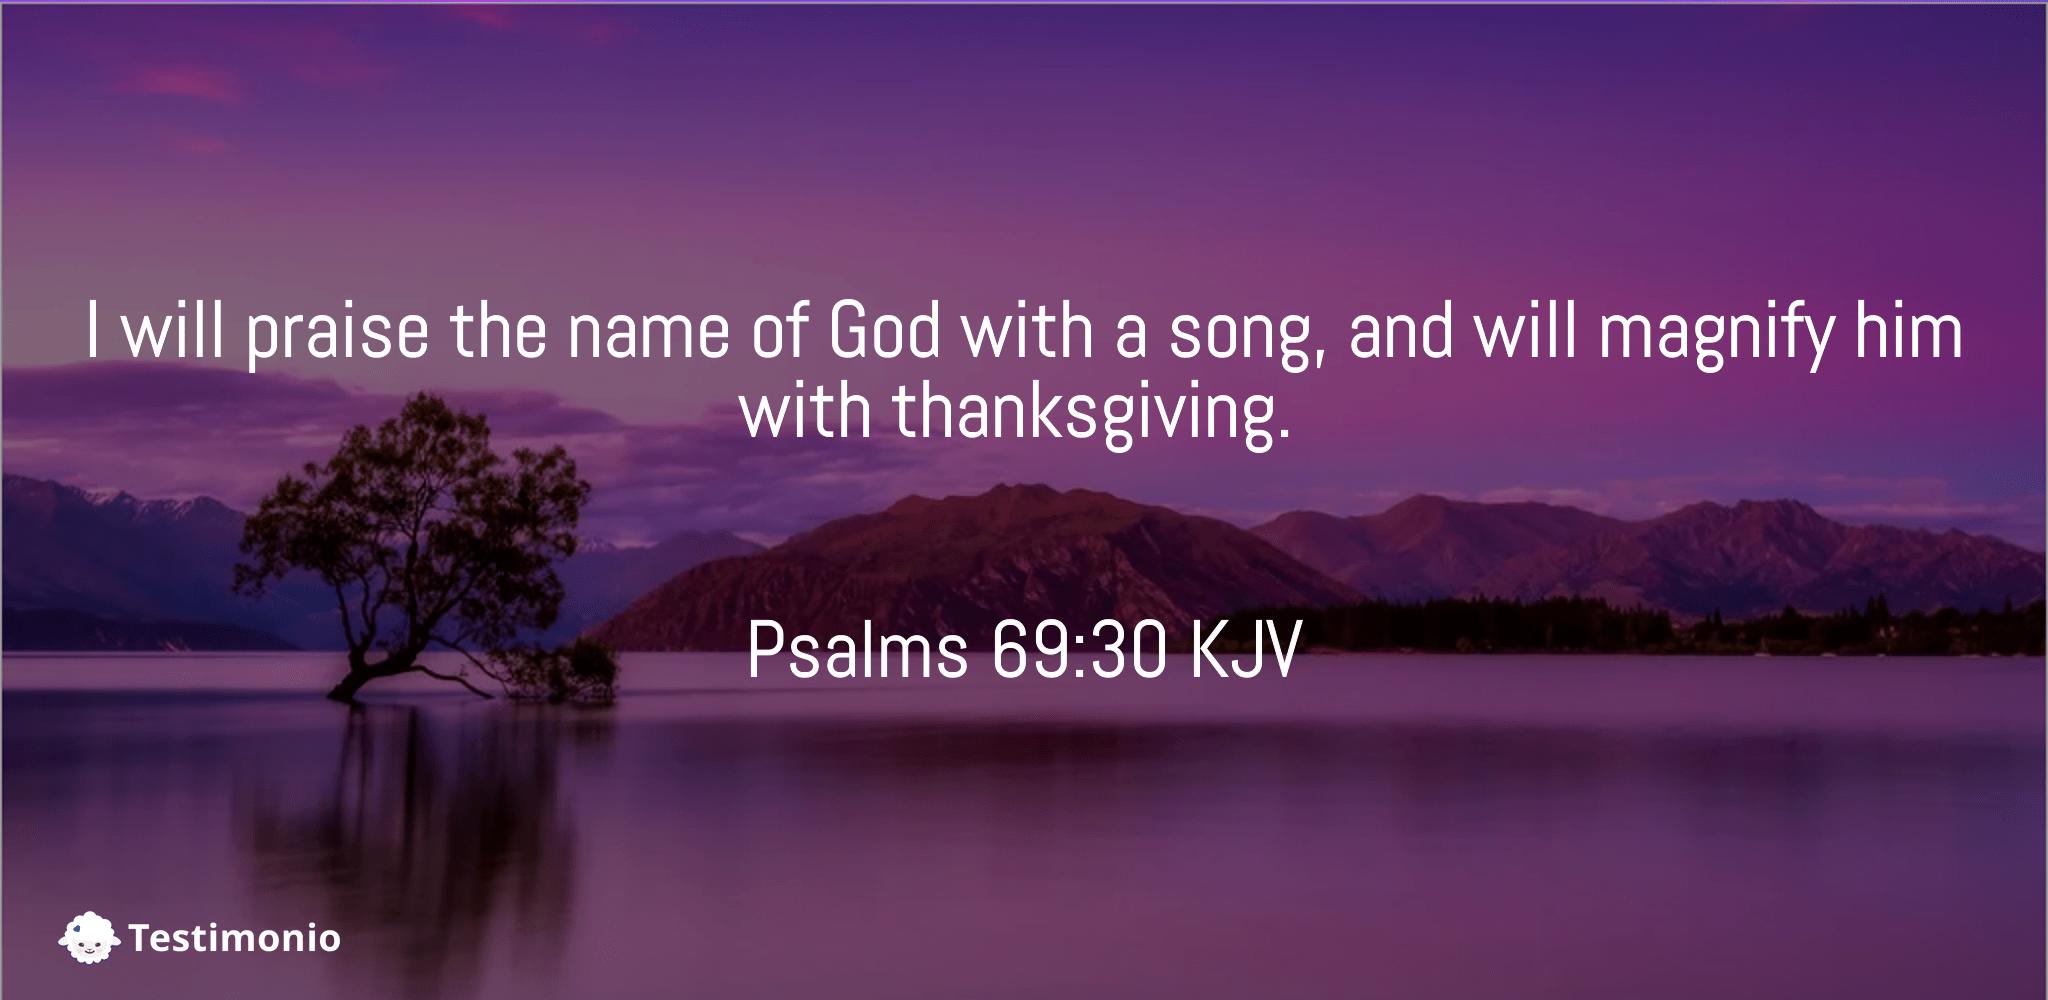 Psalms 69:30